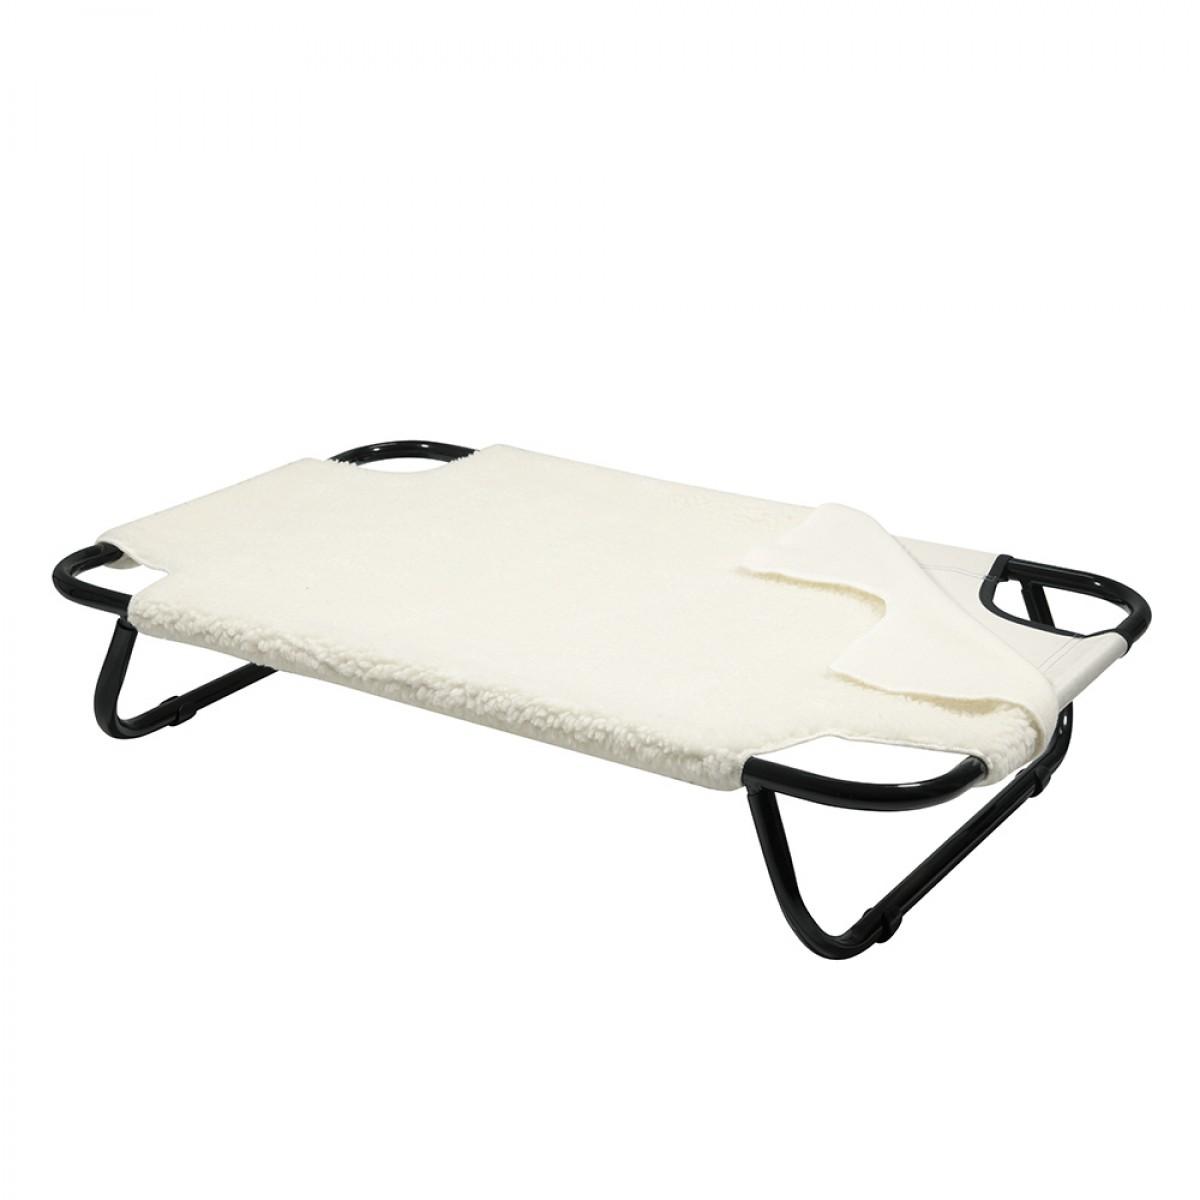 capa-cama-caminha-cachorro-gato-pet-suspensa-brandina-lassie_inverno-dobrada